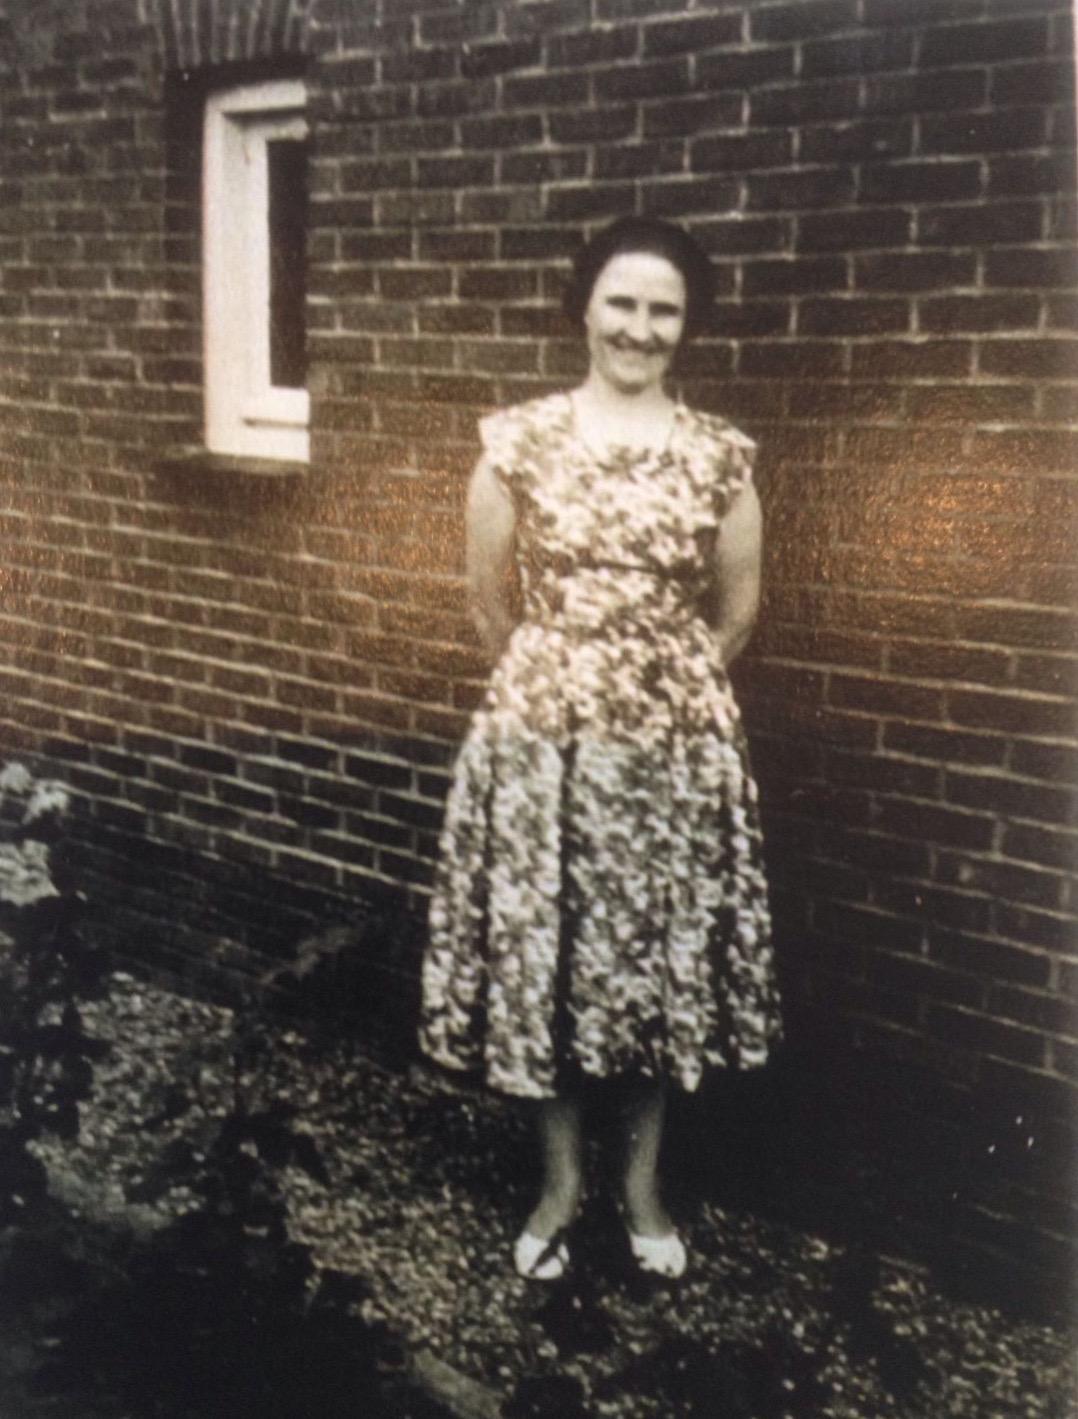 Herinneringen aan mijn moeder